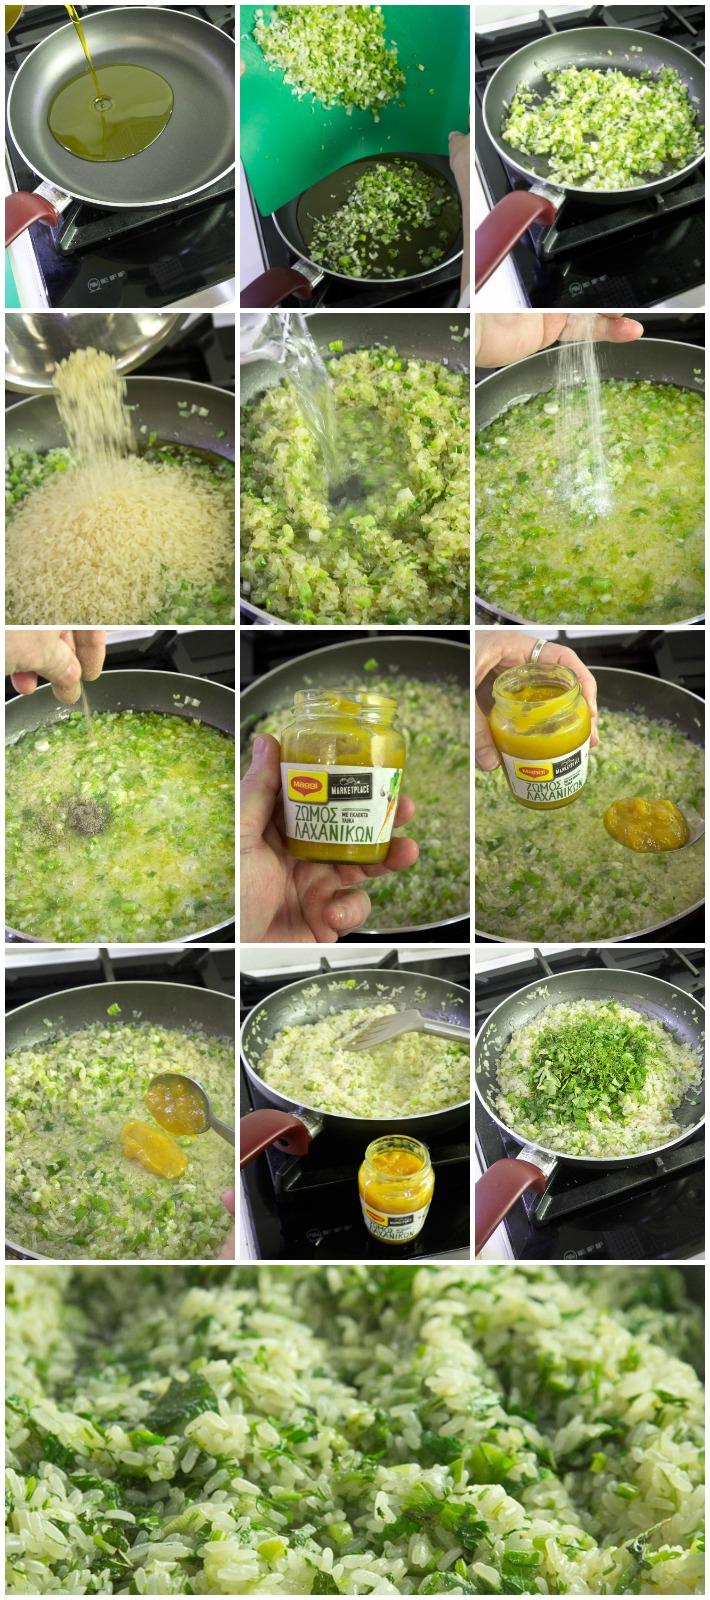 Ντολμαδάκια, γιαπράκια, σαρμαδάκια γιαλαντζί με ντιπ γιαουρτιού